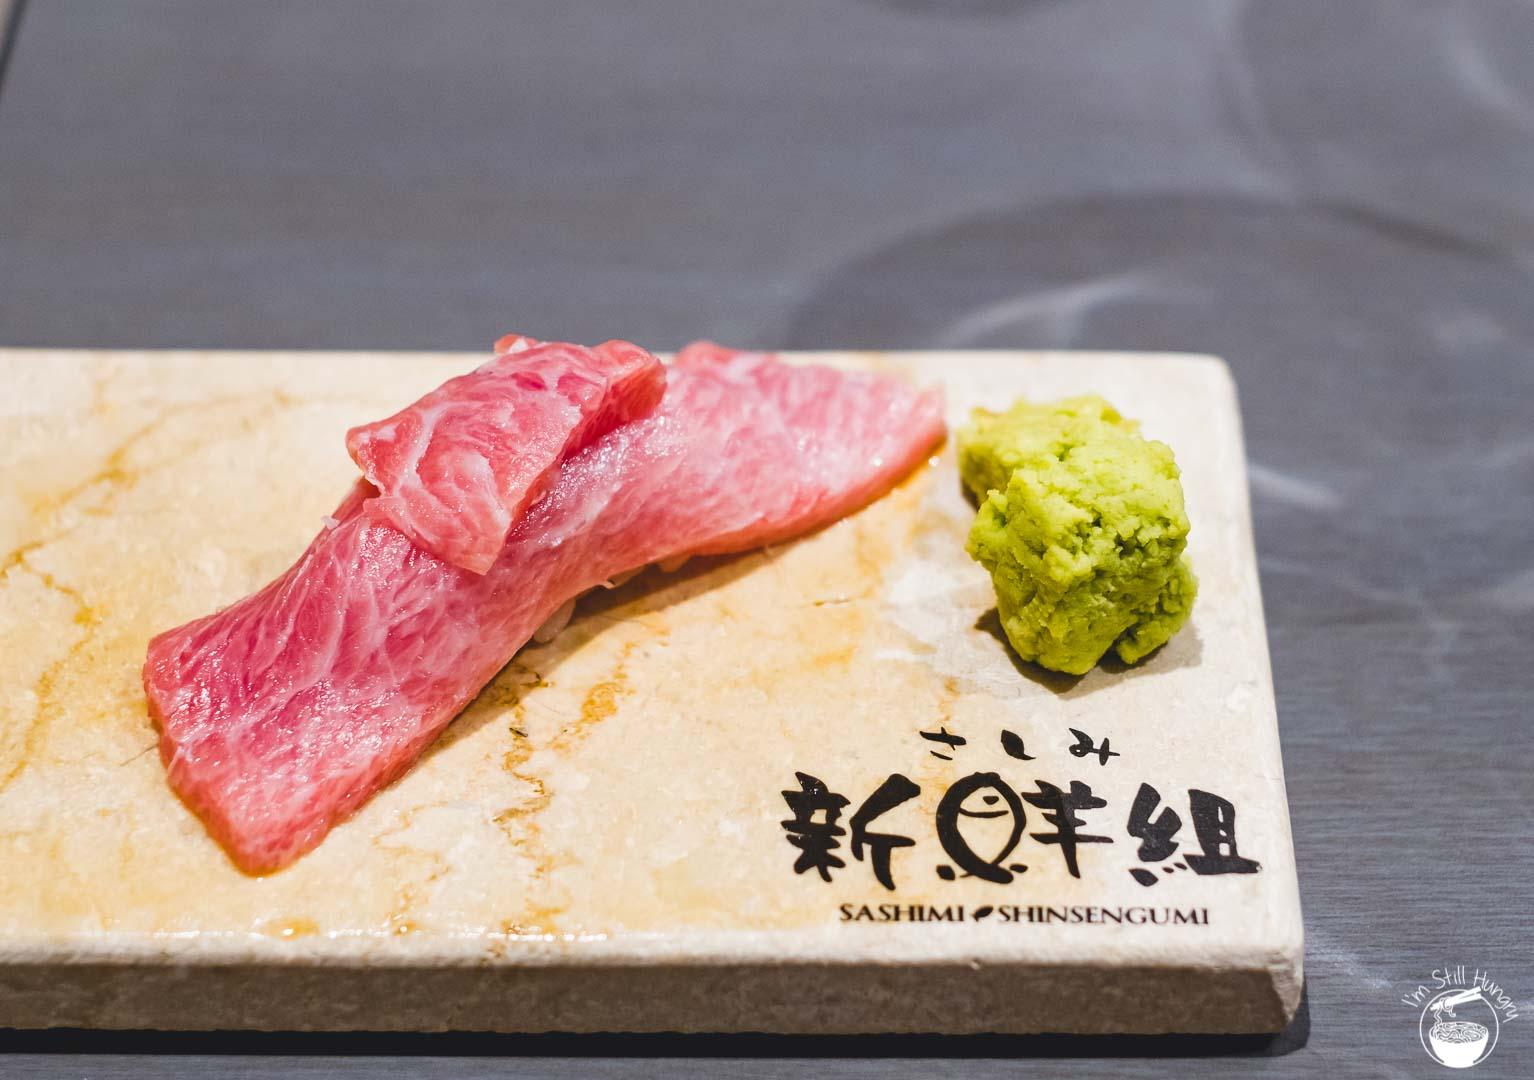 Sashimi Shinsengumi Crows Nest Sushi Omakase Tuna belly